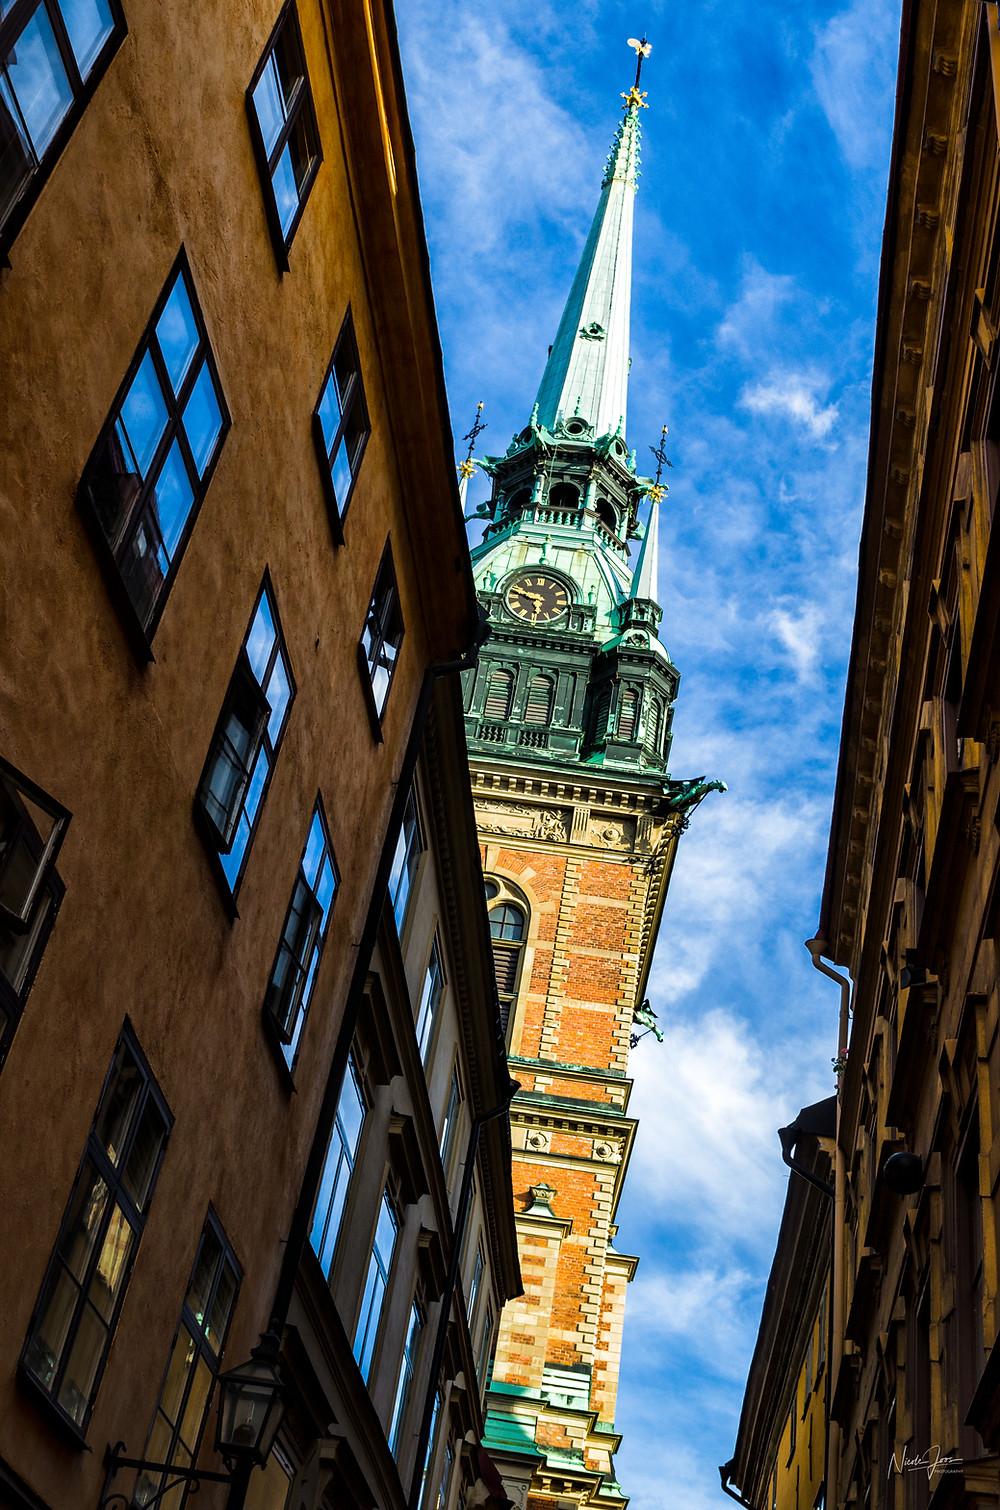 Tyska kyrkan (Photo: www.NicoleJoosPhotography.com)